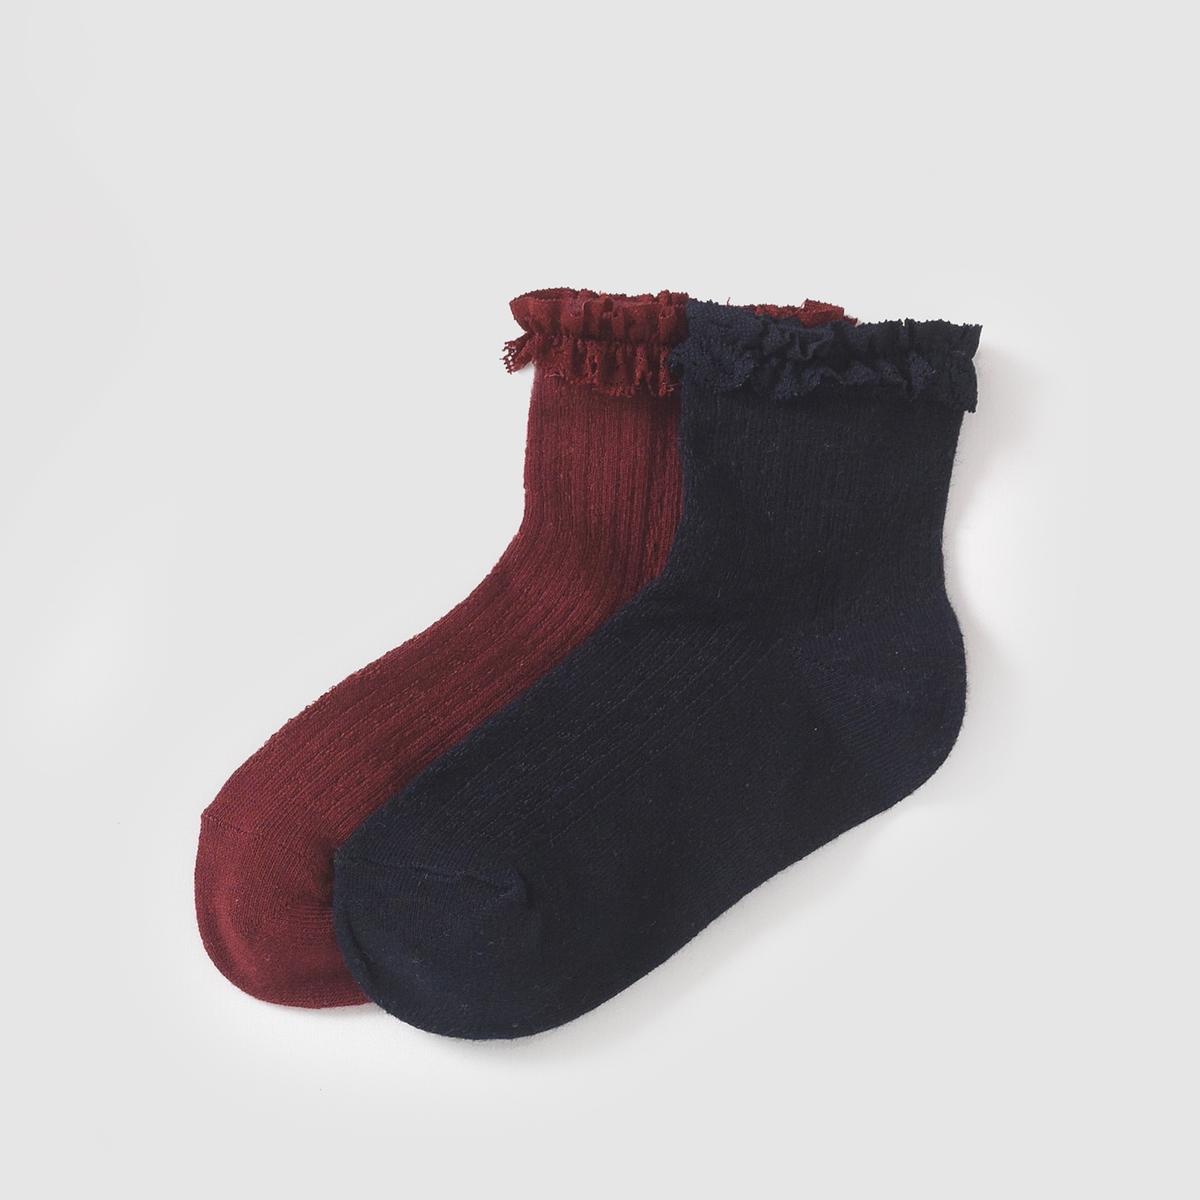 2 пары носков с воланамиОригинальные носки с воланами из кружева на щиколотке  . 2 пары в комплекте.Состав и описание : Материал      75% хлопка, 22% полиамида, 3% эластана Марка      abcdRУход :Ручная стирка.Машинная сушка запрещена.Не гладить.<br><br>Цвет: синий+фиолетовый<br>Размер: 35/38